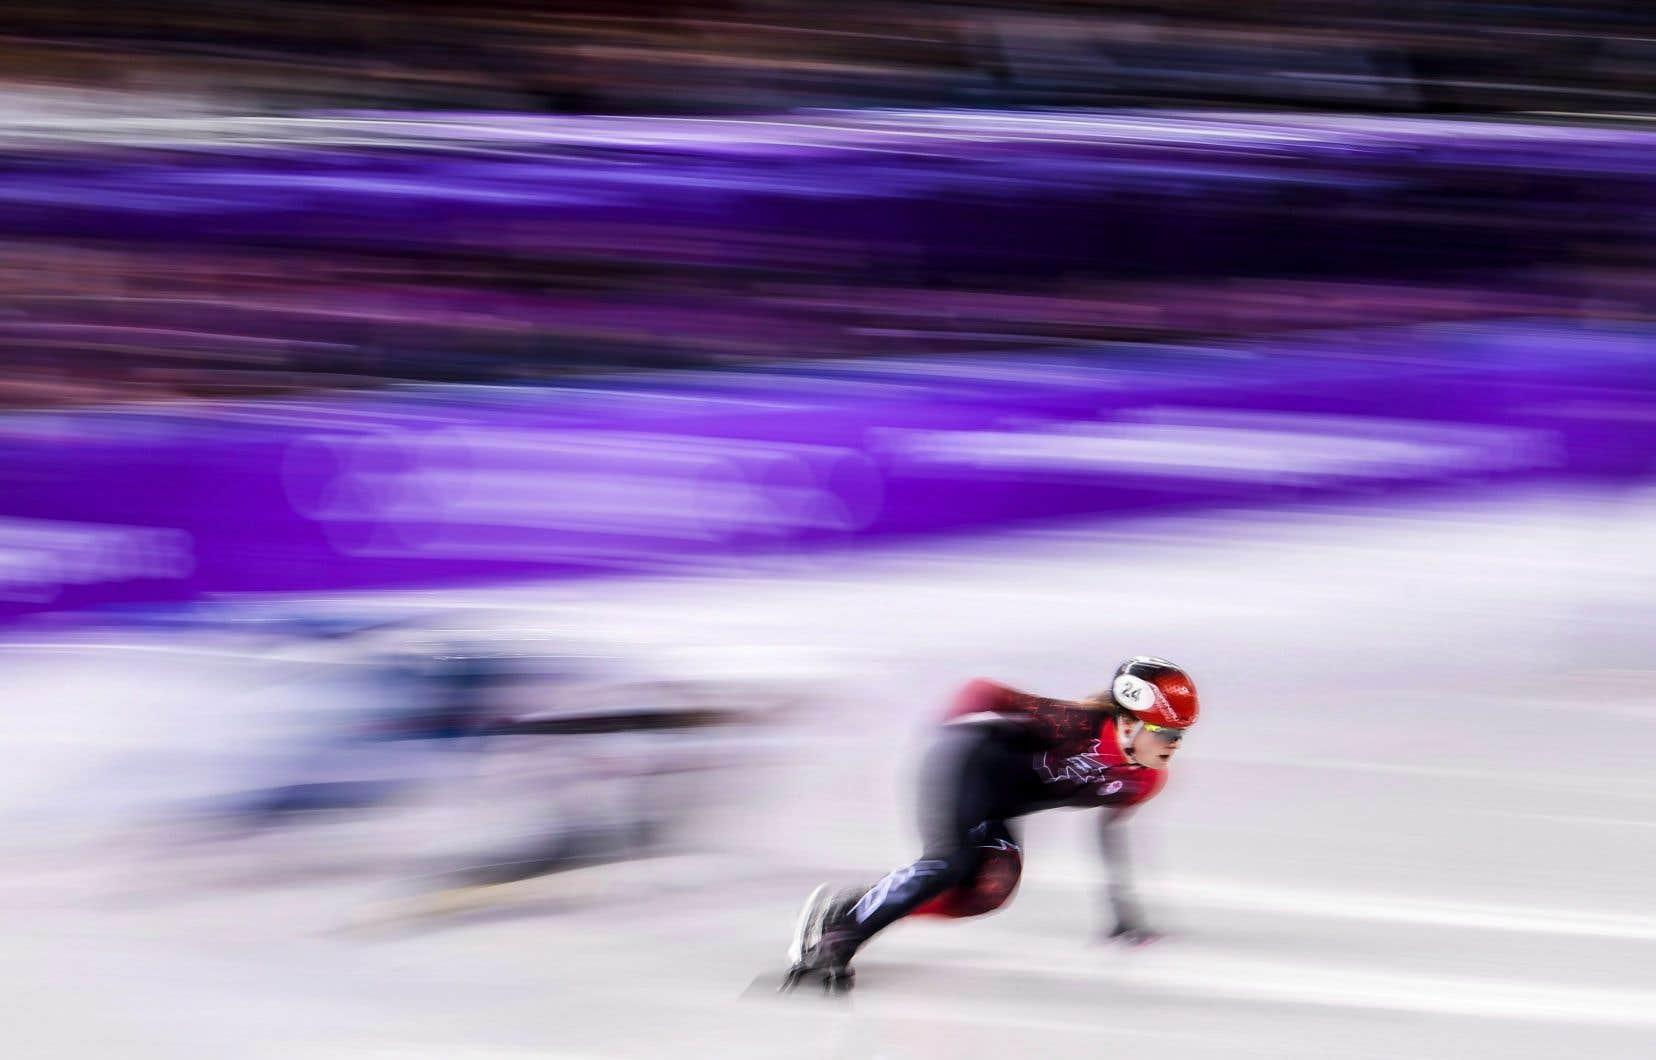 KimBoutin, originaire de Sherbrooke, a franchi l'arrivée en 1:32,508.